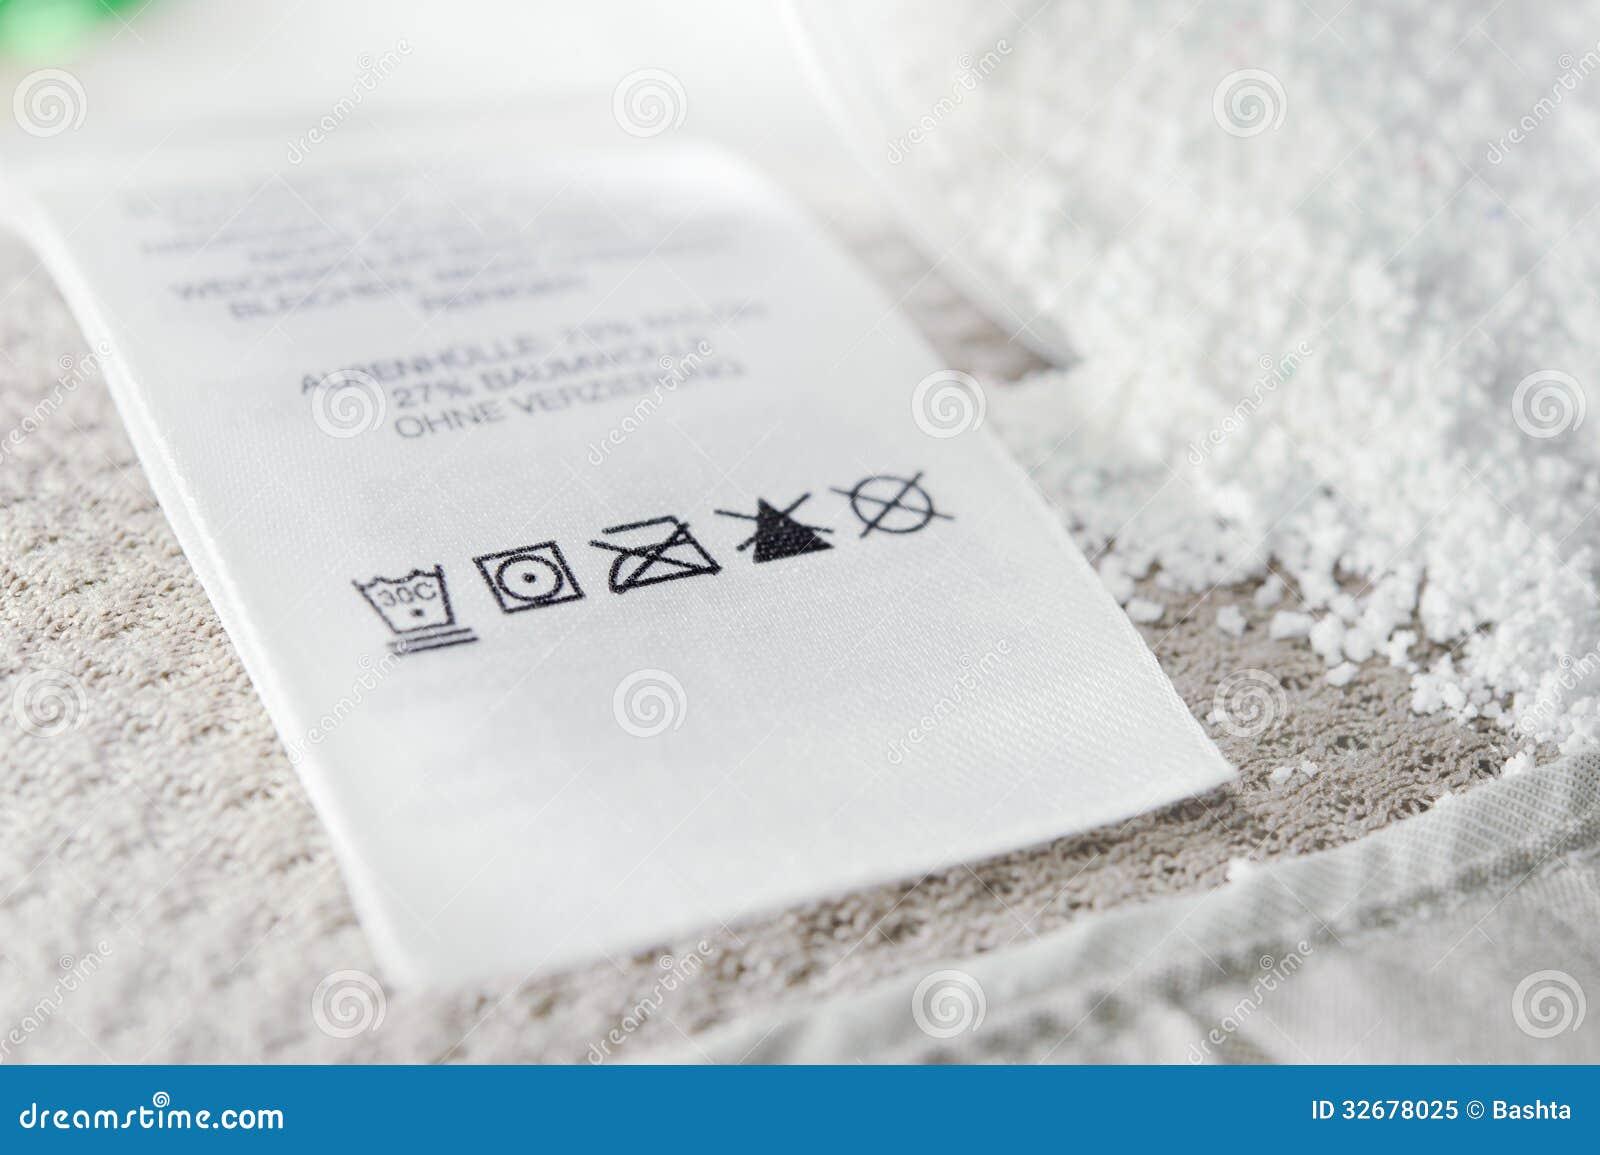 Laundry advice clothing tag stock image image 32677959 laundry care symbols royalty free stock photo buycottarizona